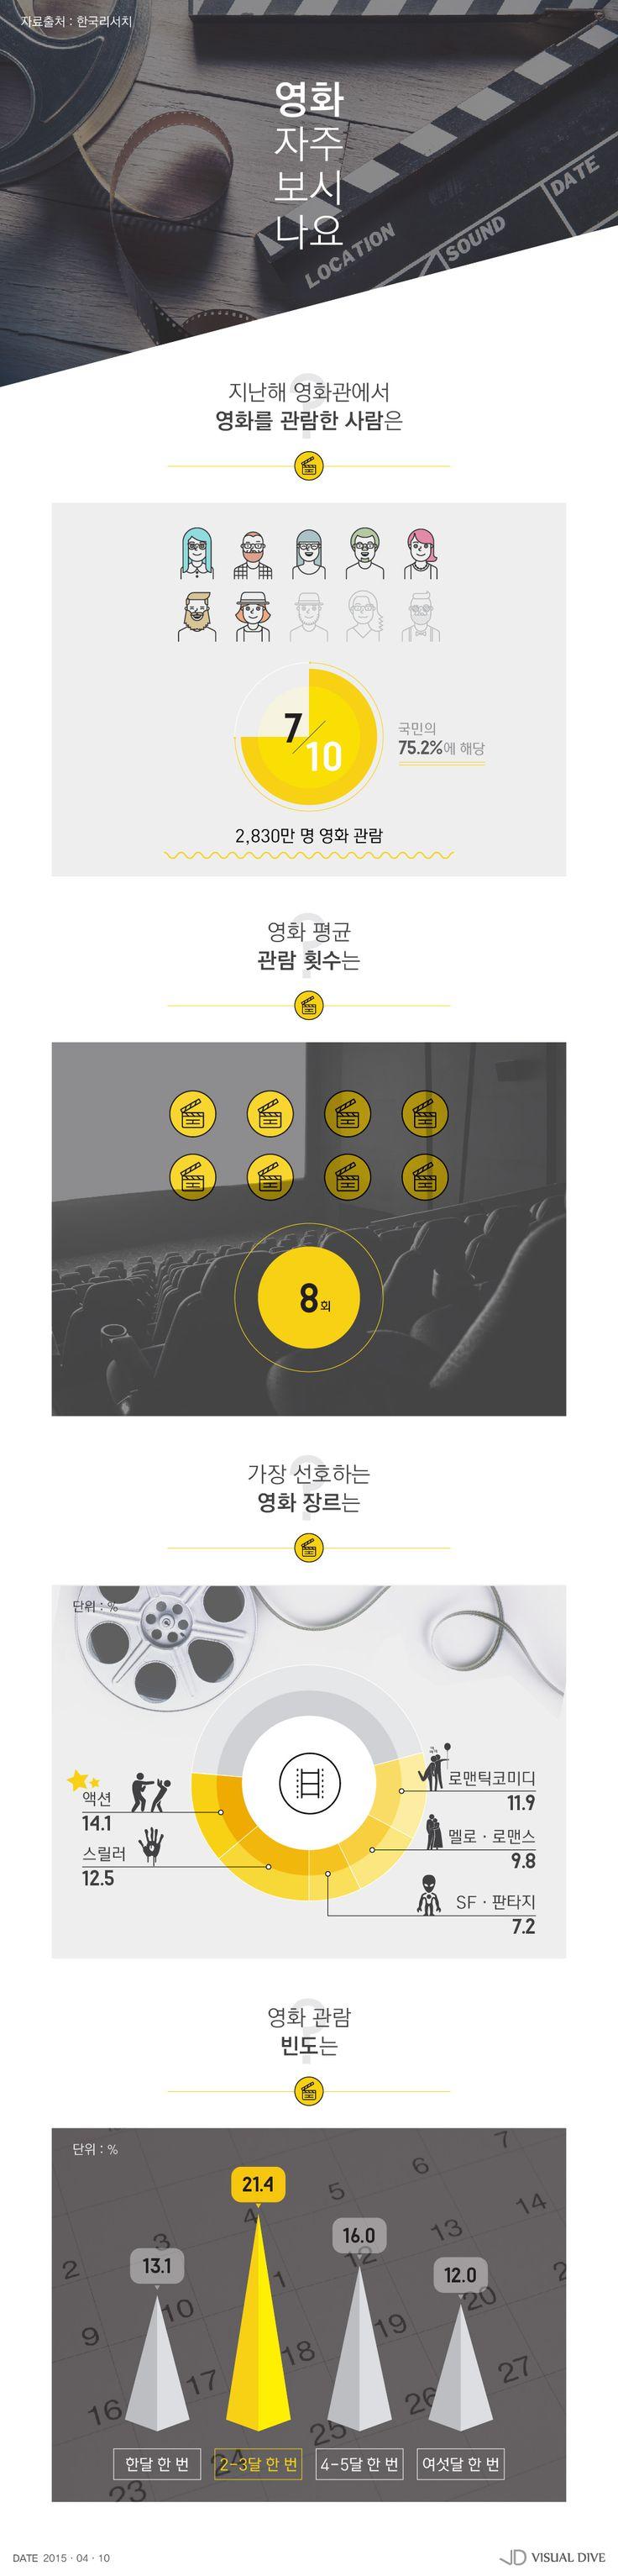 지난해 국민 10명 중 7명 영화관람… '액션' 가장 선호 [인포그래픽] #movie / #Infographic ⓒ 비주얼다이브 무단…